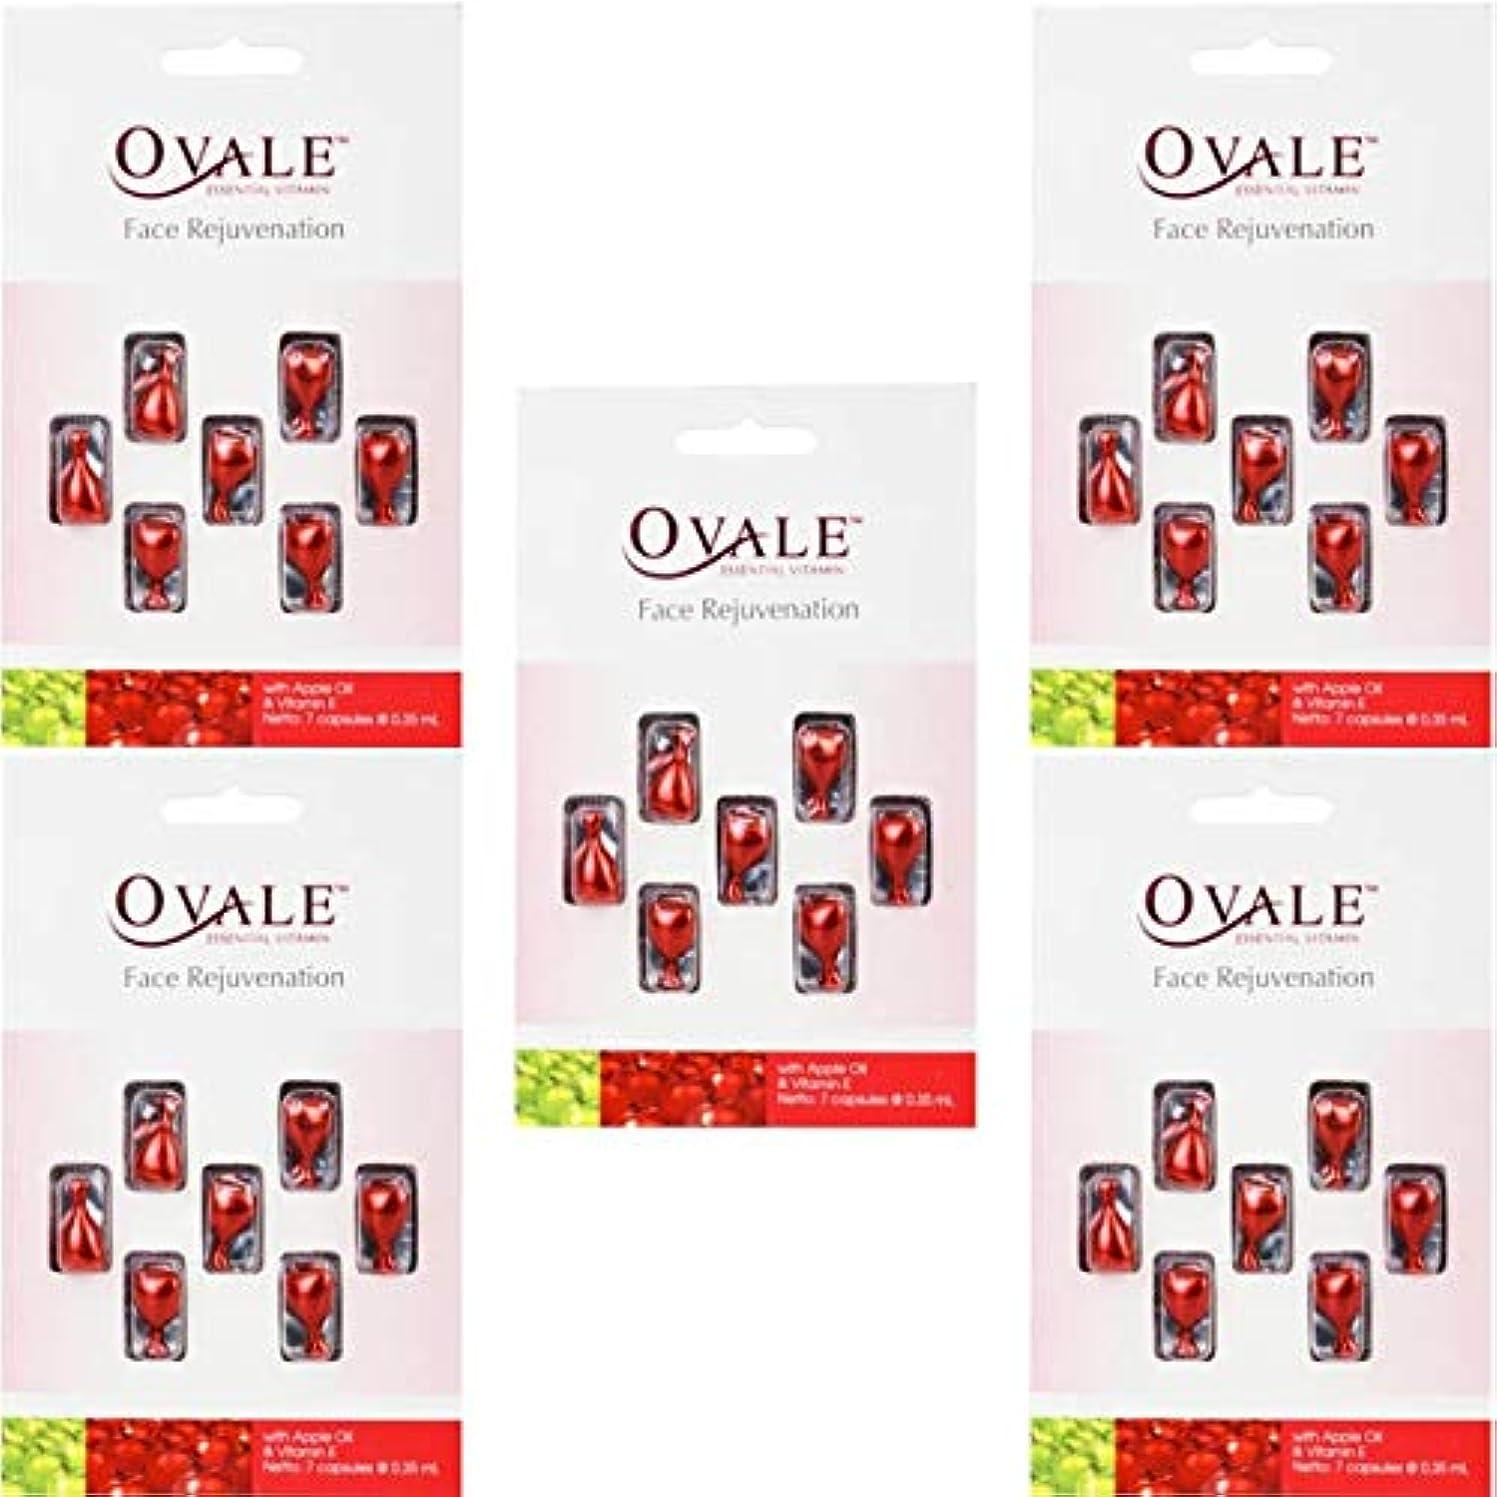 ハントこしょうハムOvale オーバル フェイシャル美容液 essential vitamin エッセンシャルビタミン 7粒入シート×5枚セット アップル [海外直送品]